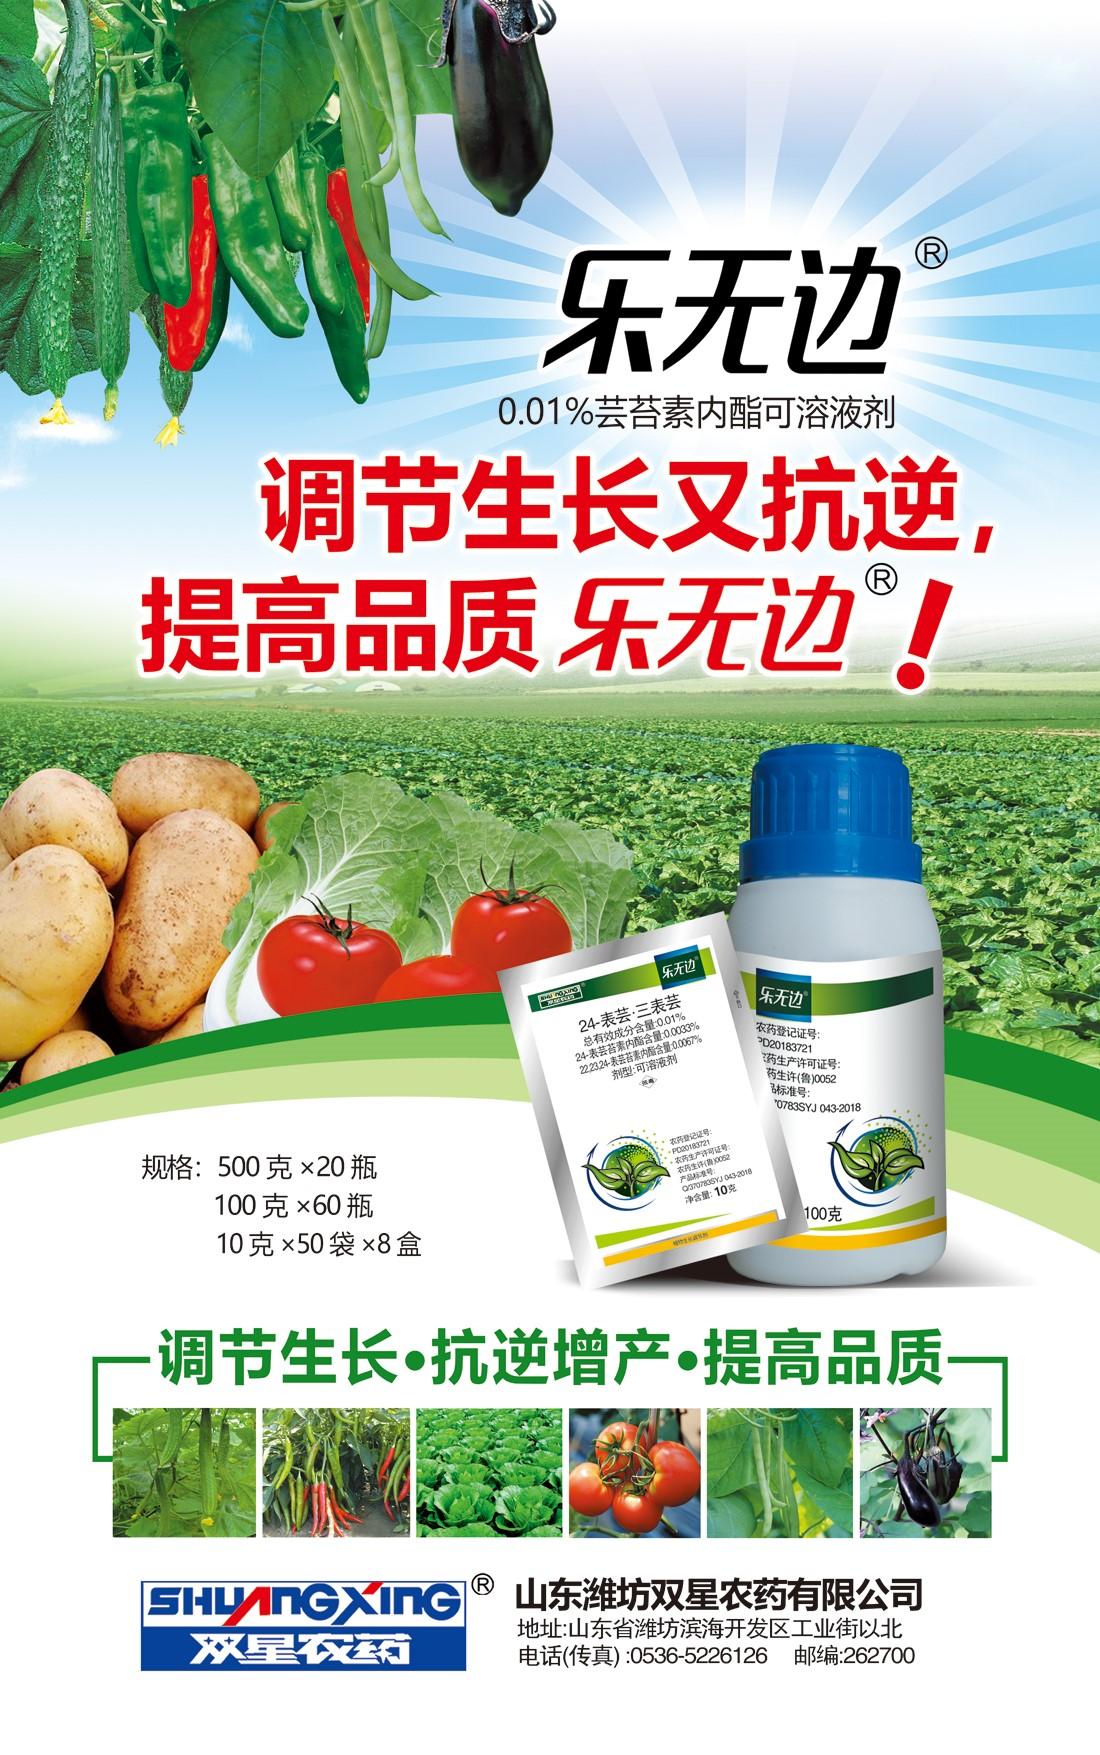 乐无边(蔬菜)海报.jpg